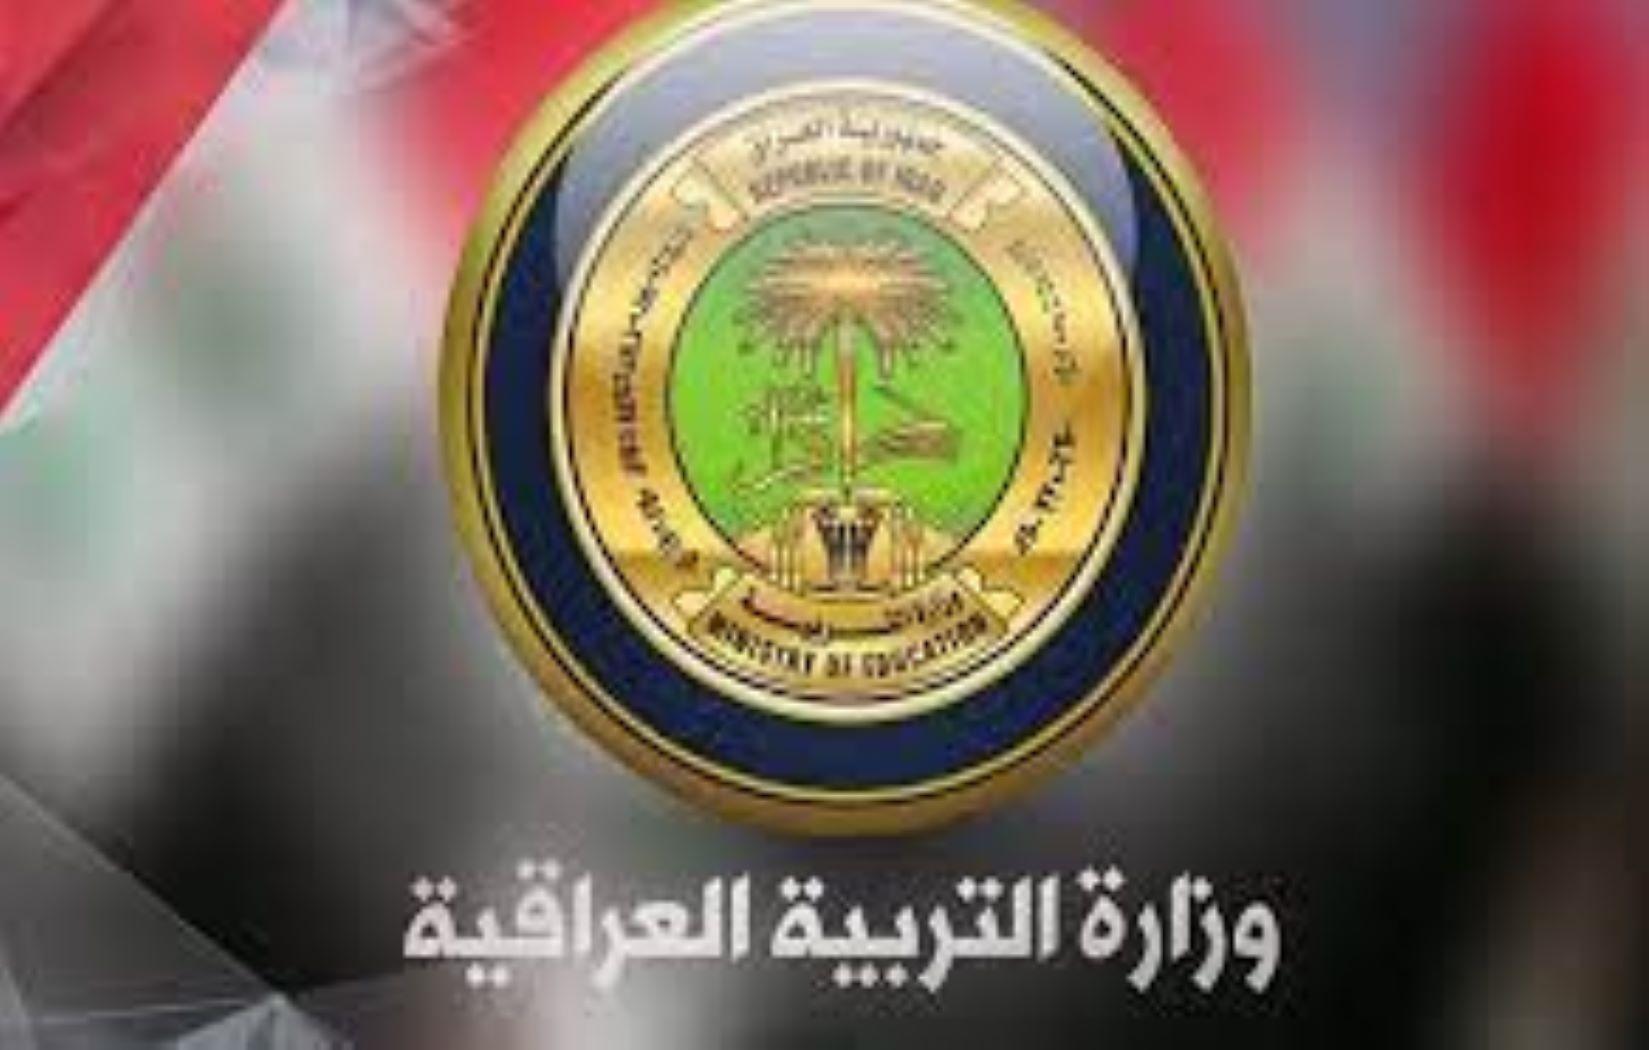 وزارة التربية العراقية تعتمد درجة نصف السنة درجة نهائية للمراحل غير المنتهية